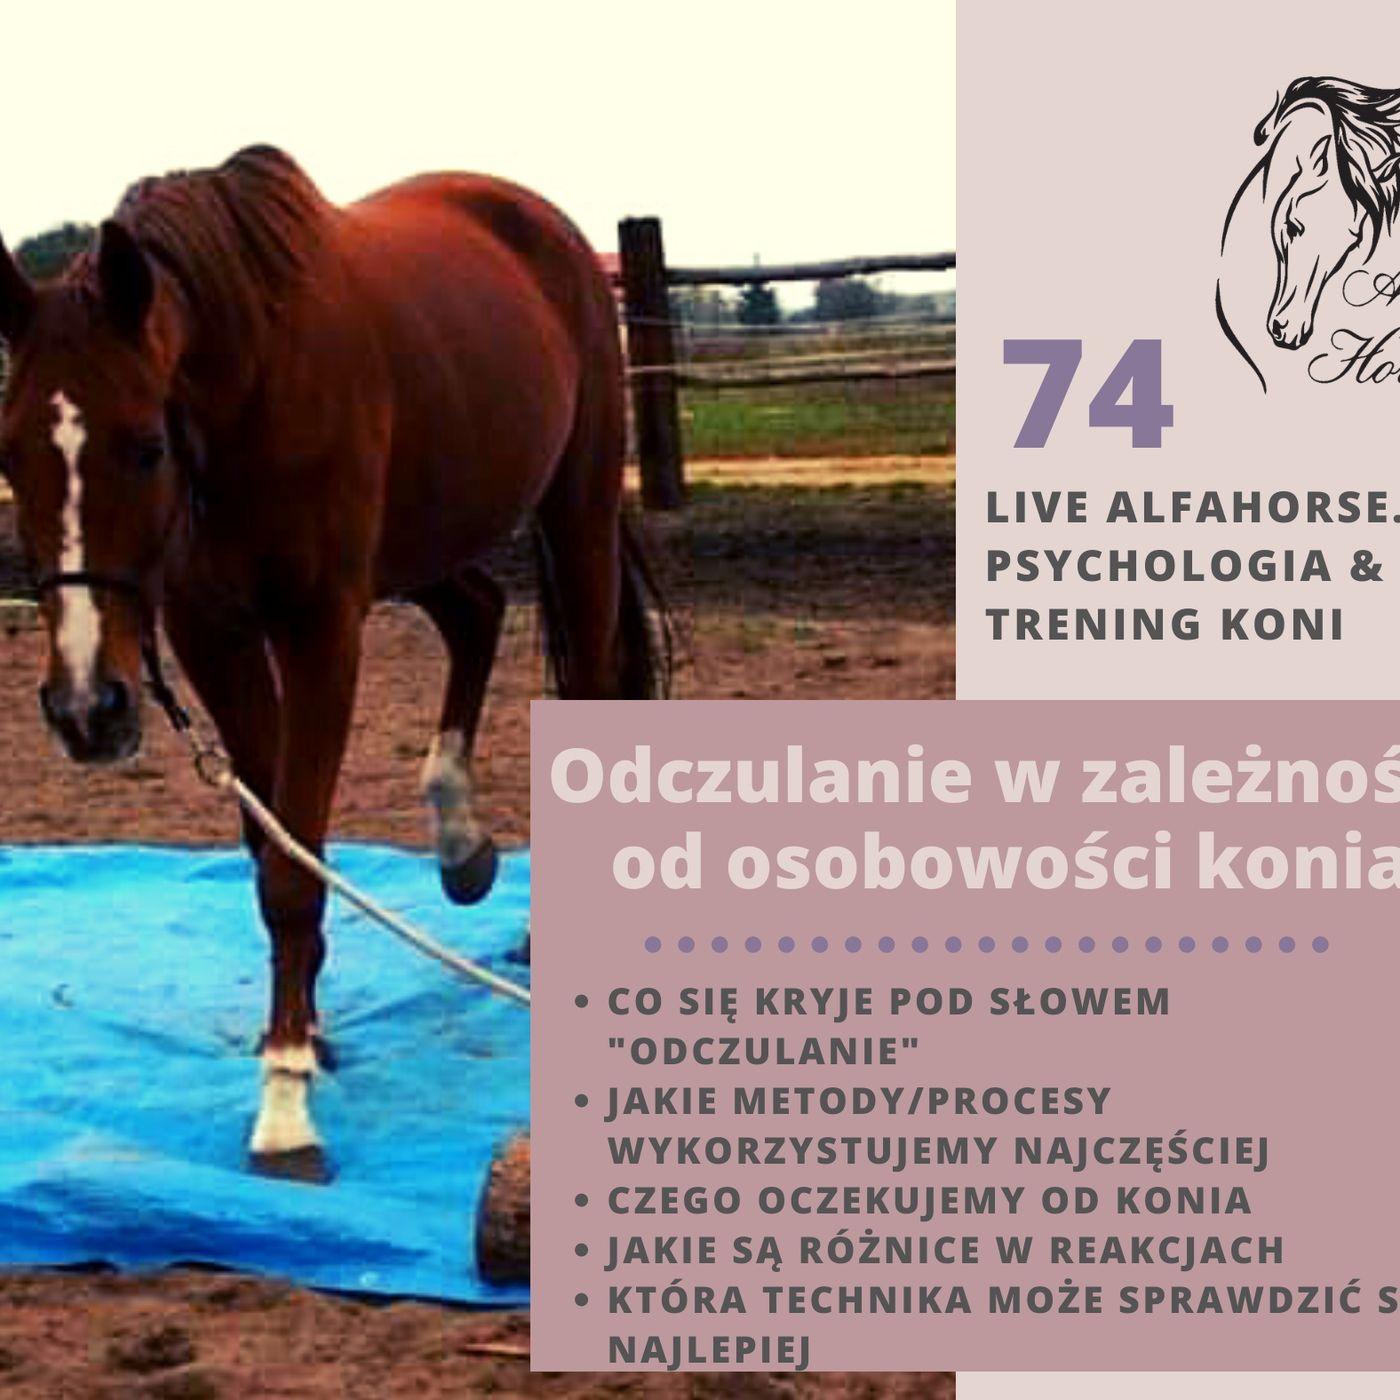 Live 74: Odczulanie w zależności od osobowości konia